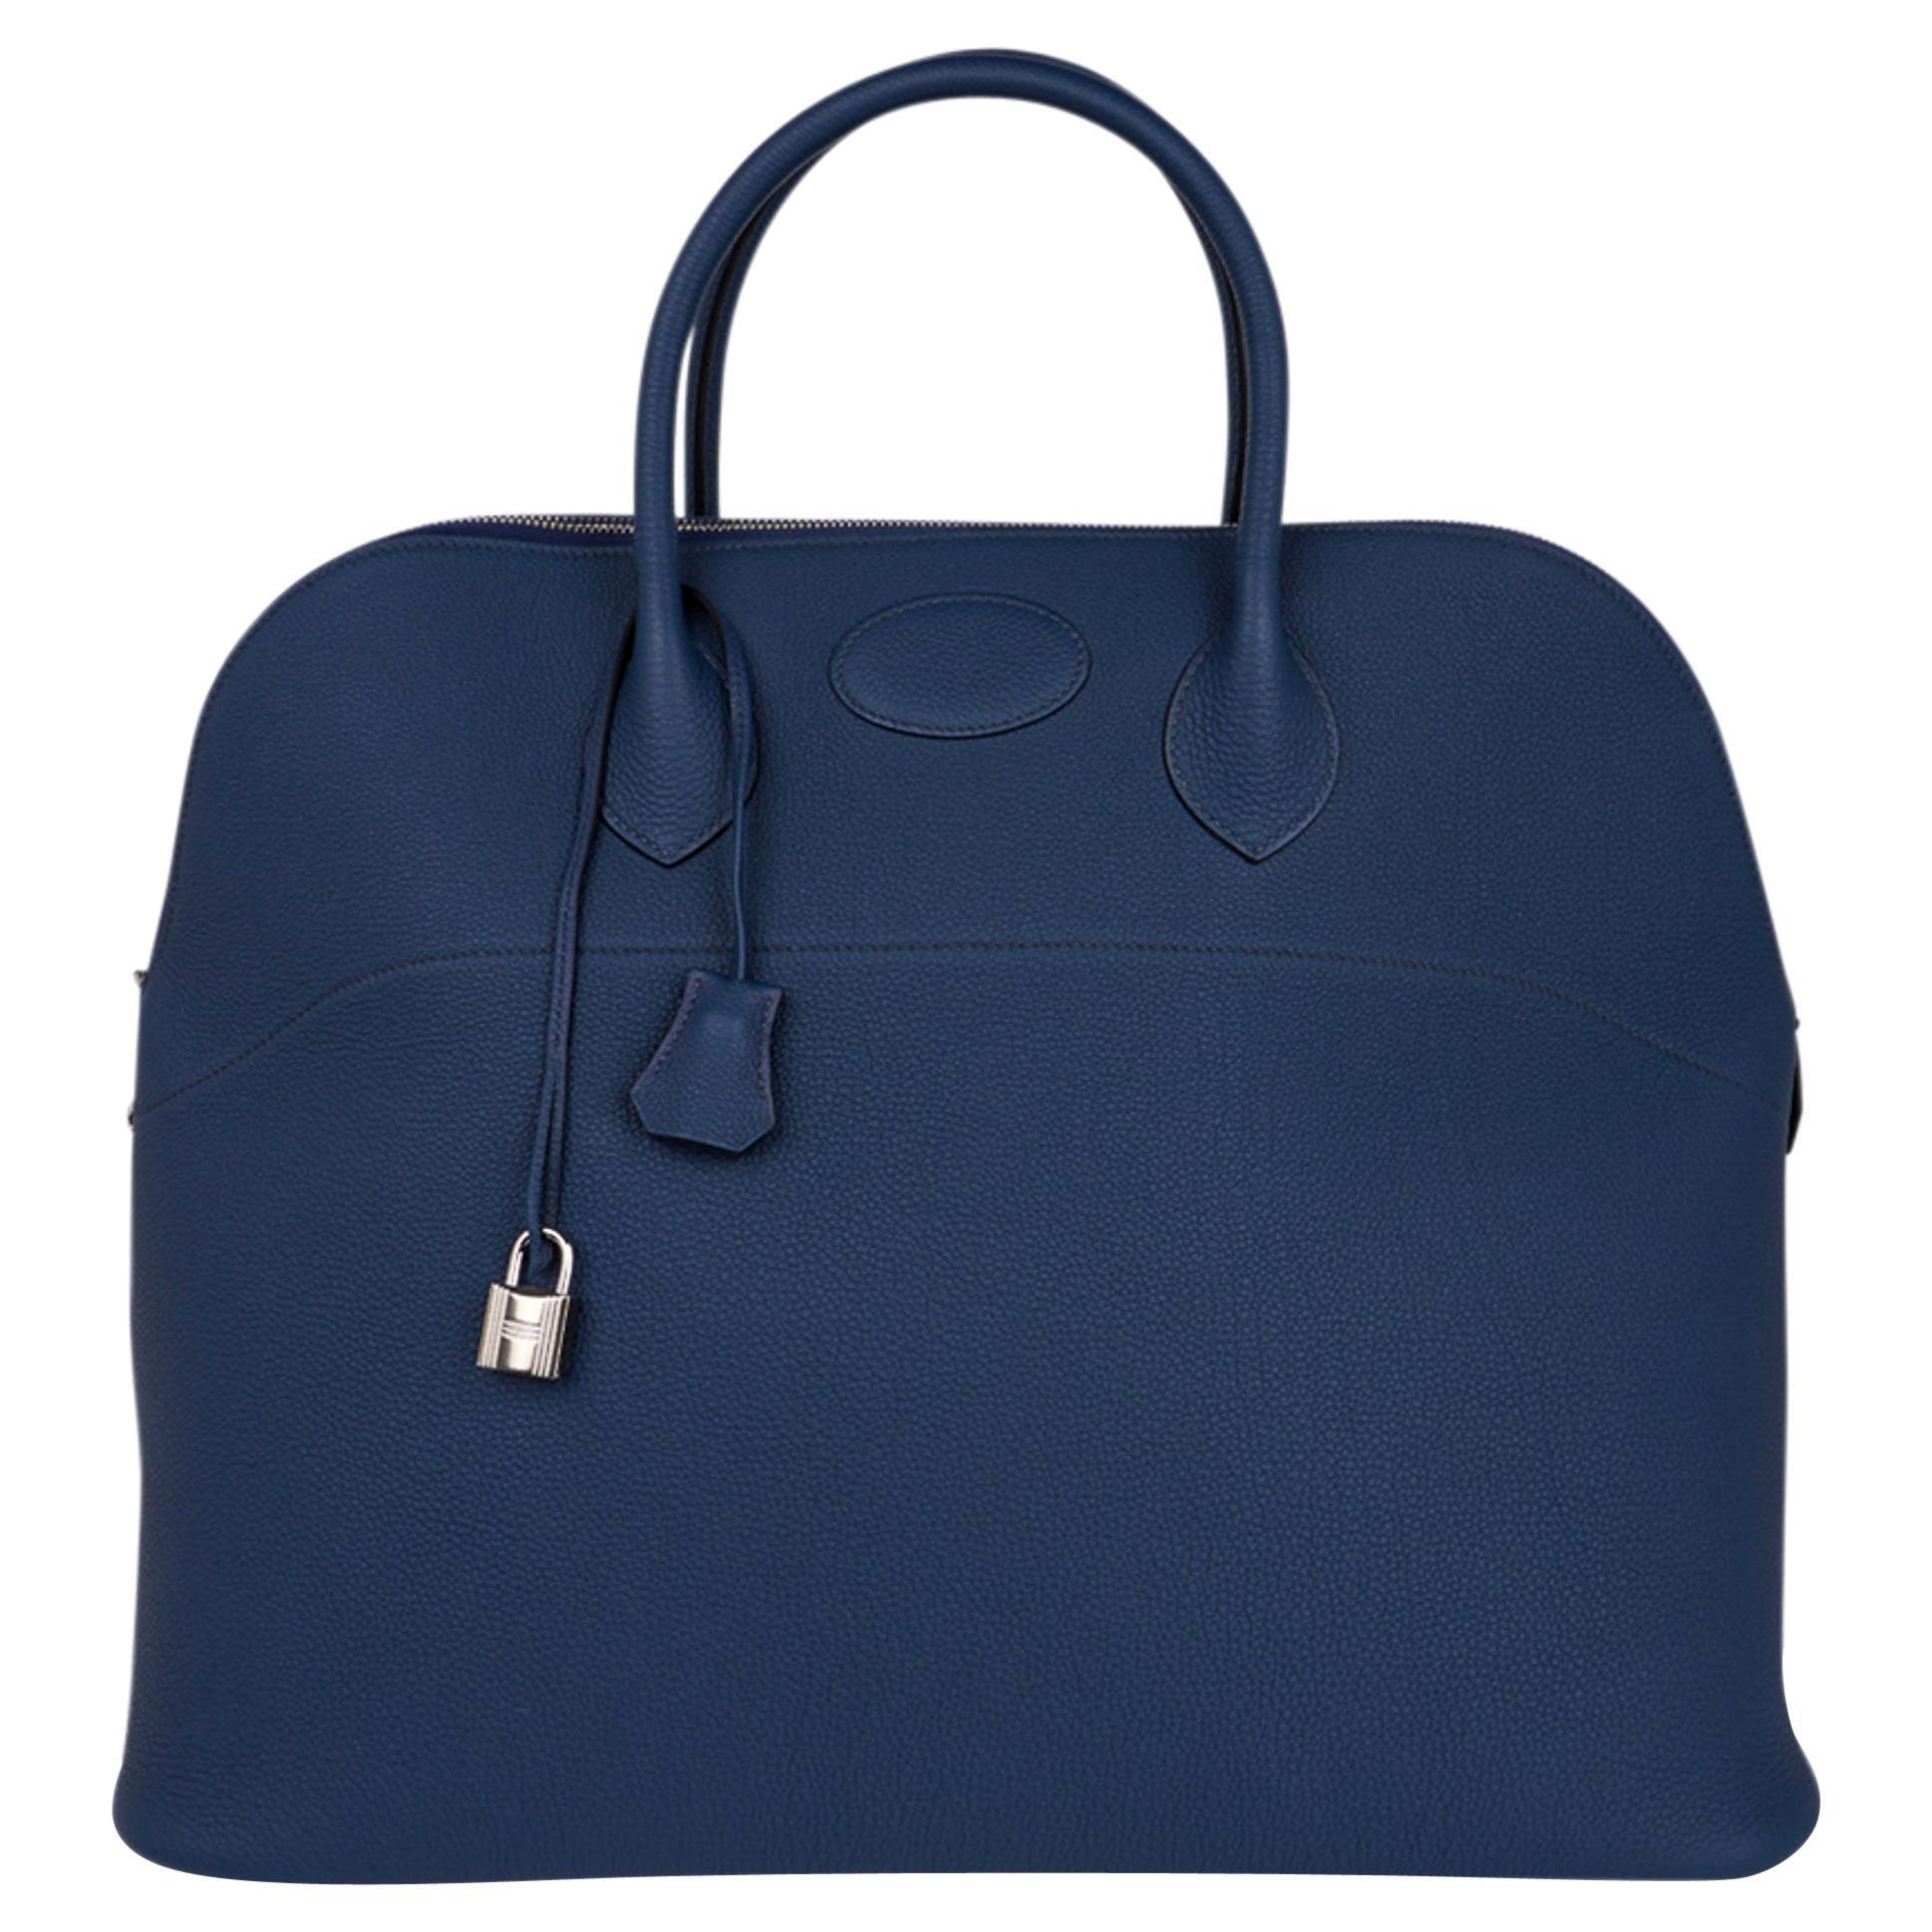 Hermes Bolide 45 Bag Blue de Prusse Togo Weekender New w/Box